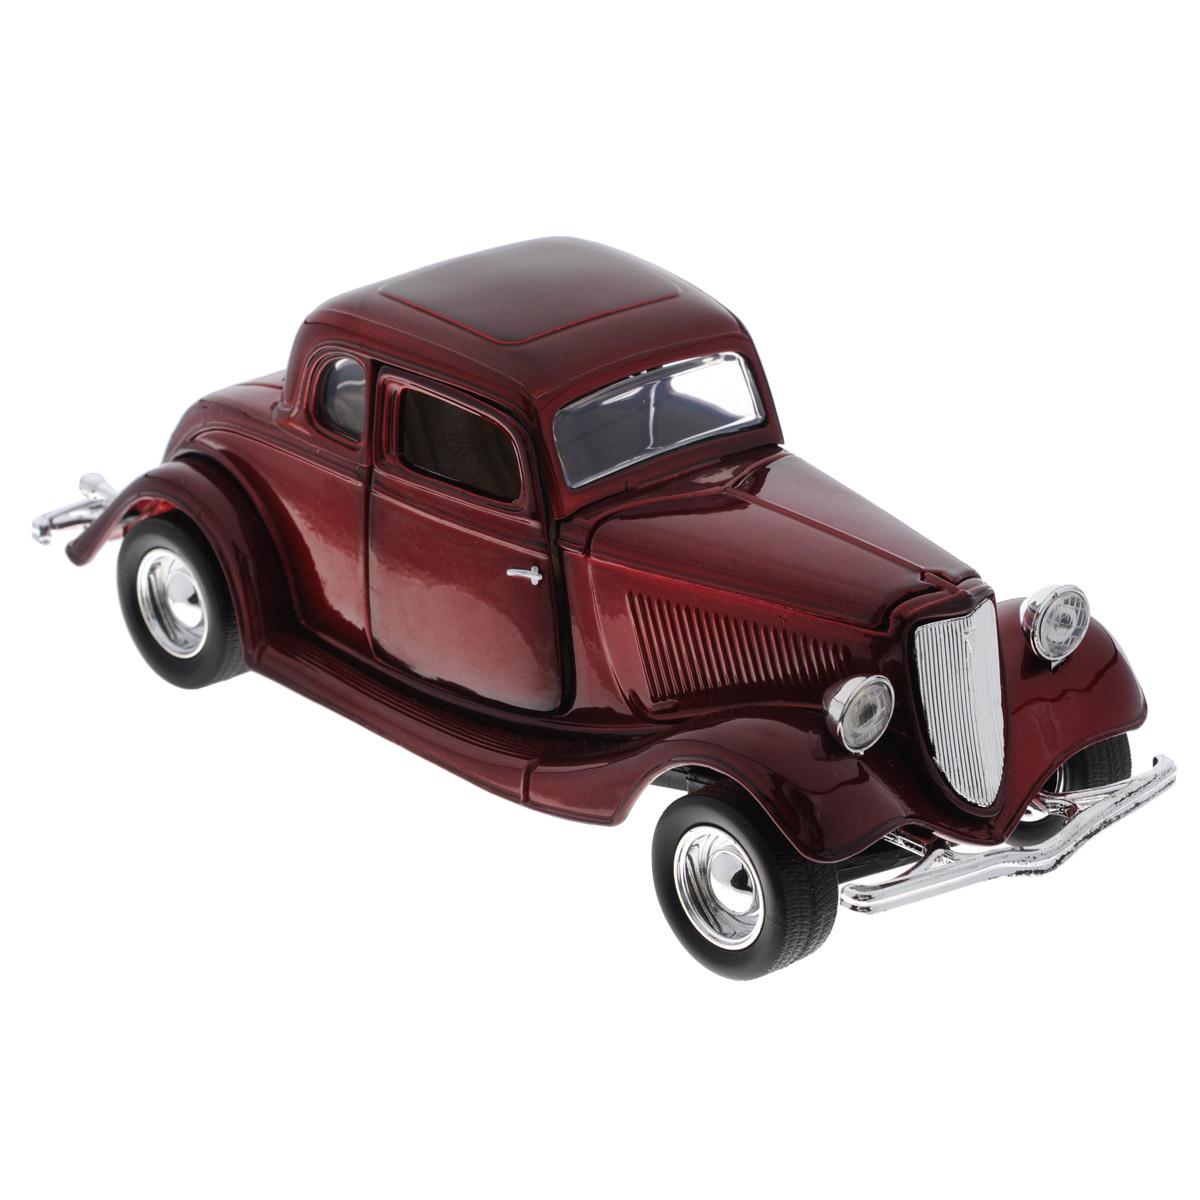 MotorMax Модель автомобиля Ford Coupe 1932 motormax трансформирующийся в аэропорт